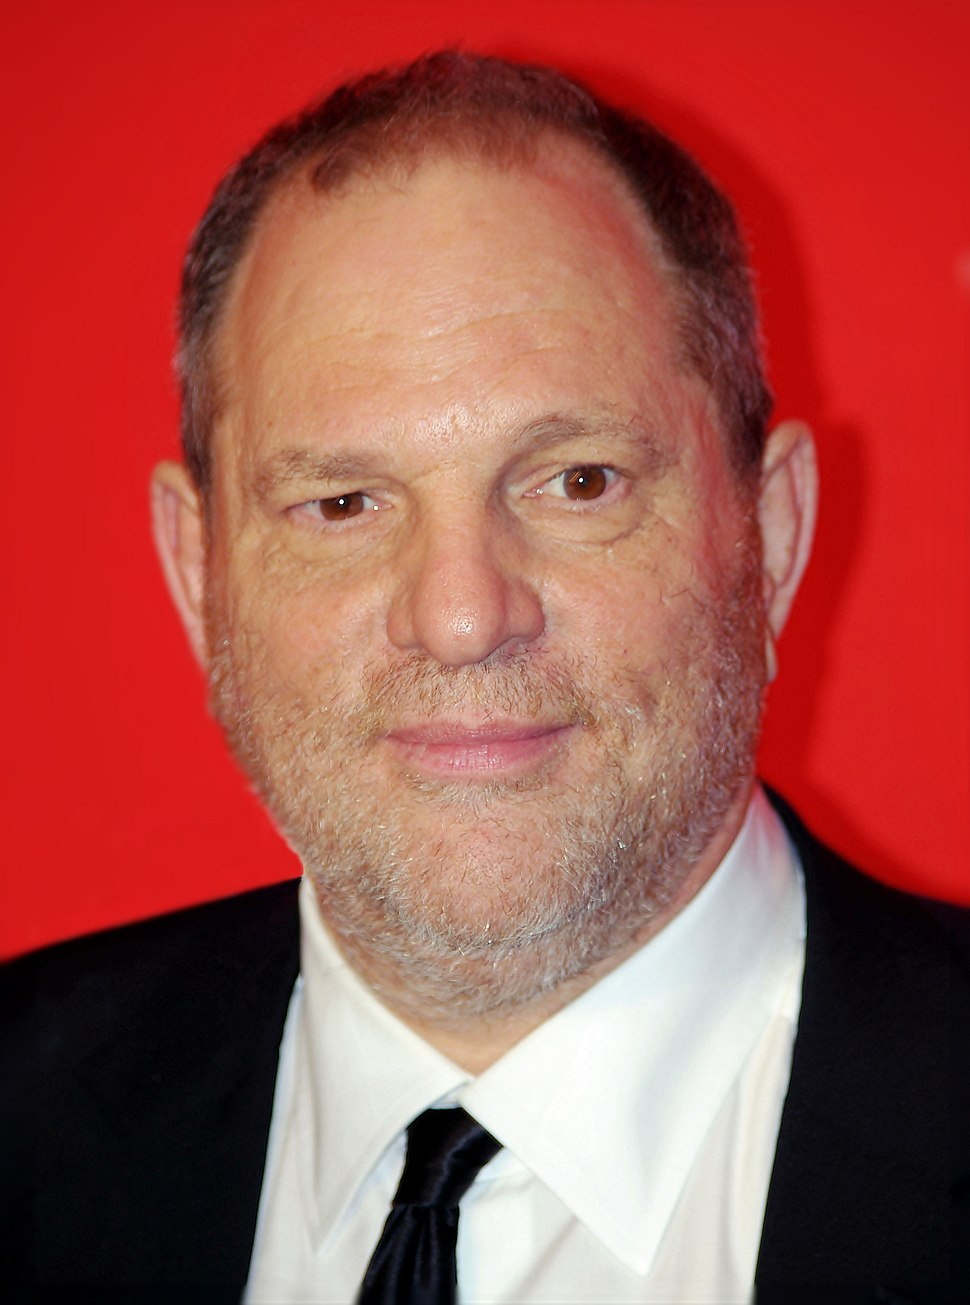 Harvey Weinstein 2011 Shankbone.JPG